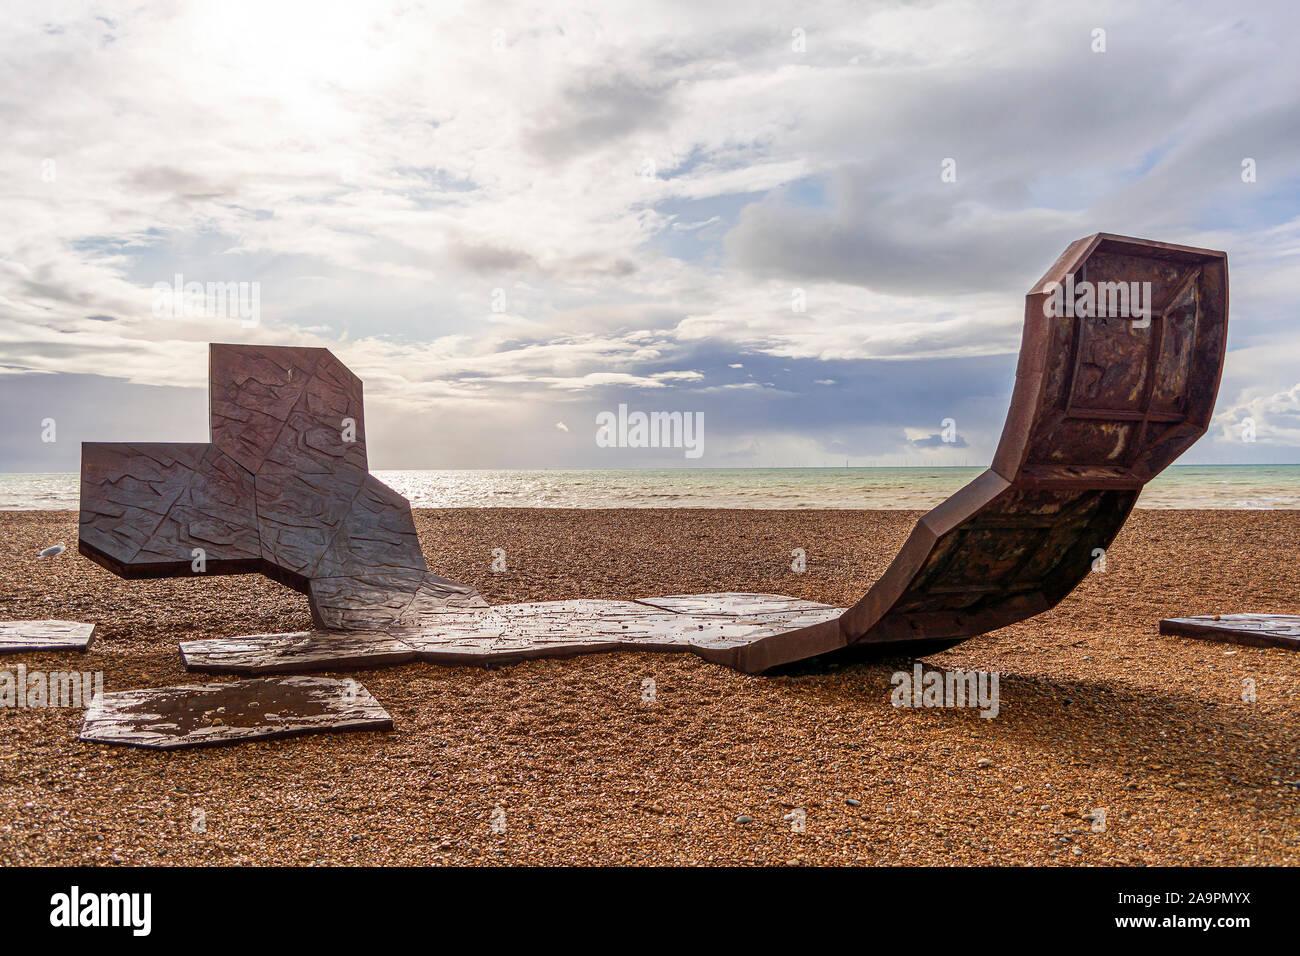 Brighton et Hove, East Sussex, UK - 4 novembre, 2019: Passacaille sculpture par Charles Hadcock sur la plage de Brighton, Royaume-Uni. Passacaille est un énorme, c Banque D'Images